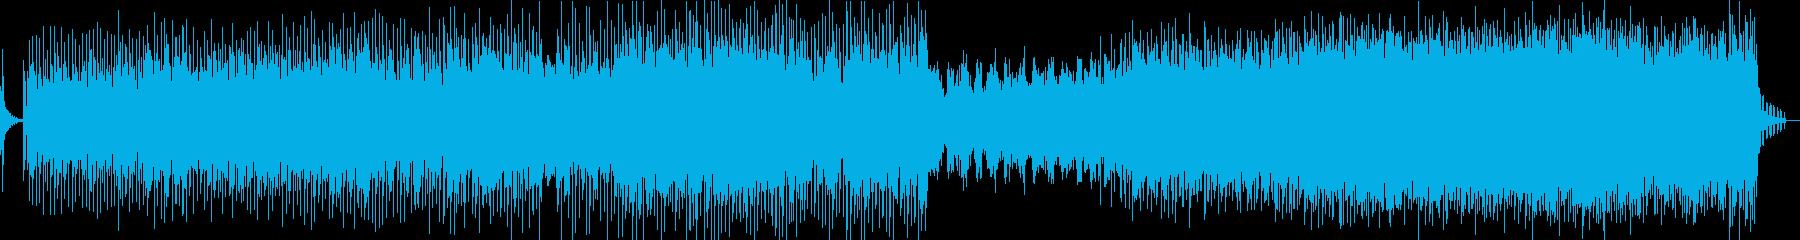 ドラマチックなサウンドスケープとシ...の再生済みの波形